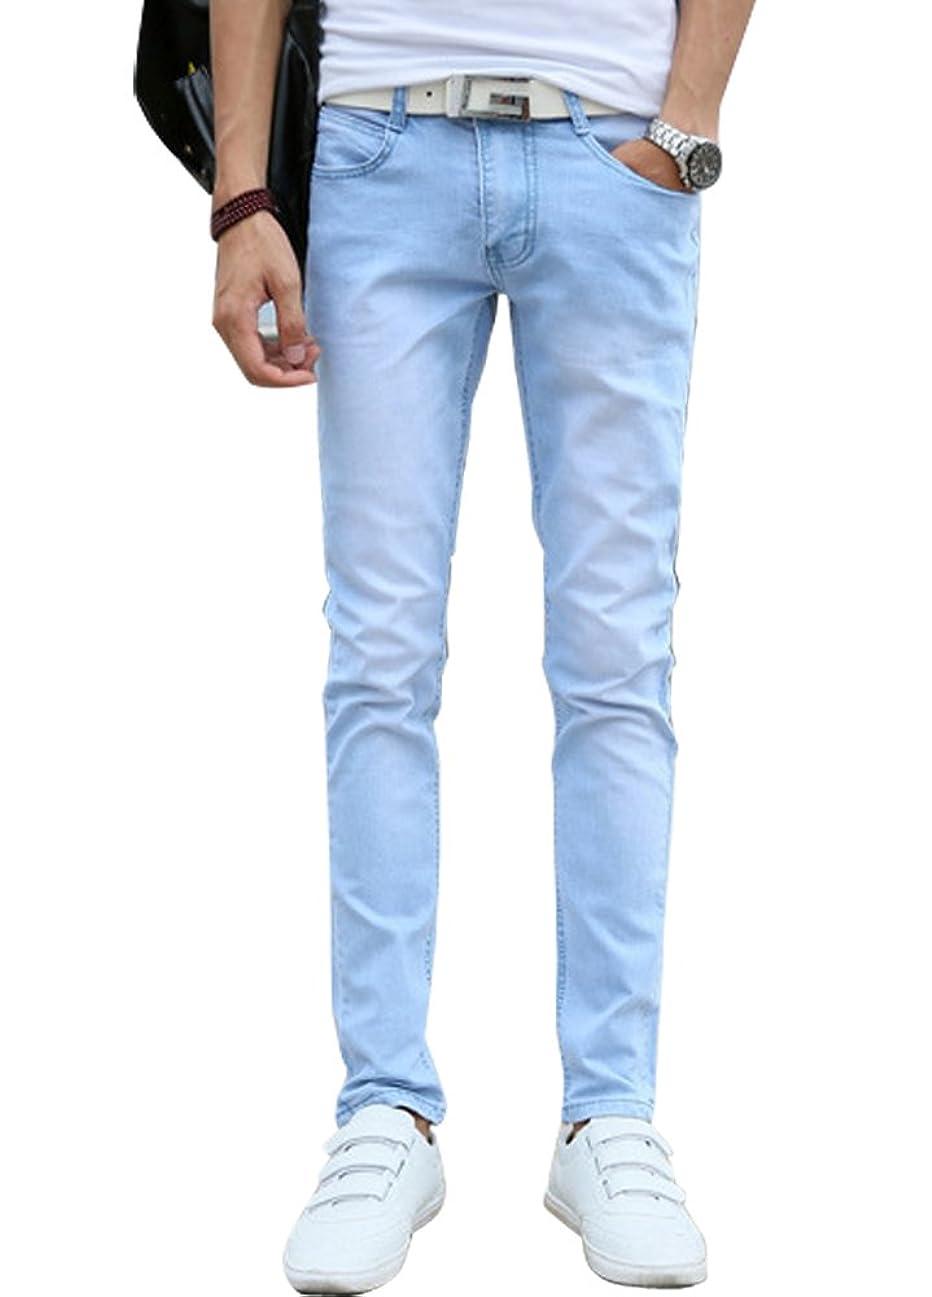 続ける検出可能サイクロプス(ゆうや)YoYeah ジーンズ メンズ スキニー ジーパン ズボン 大きいサイズ ストレッチ デニムパンツ ストレート ストレートシリーズ ストレートジーパン ロングパンツ 人気ブランド パンツ ジーパン ジーンズ デニム 美脚 細身